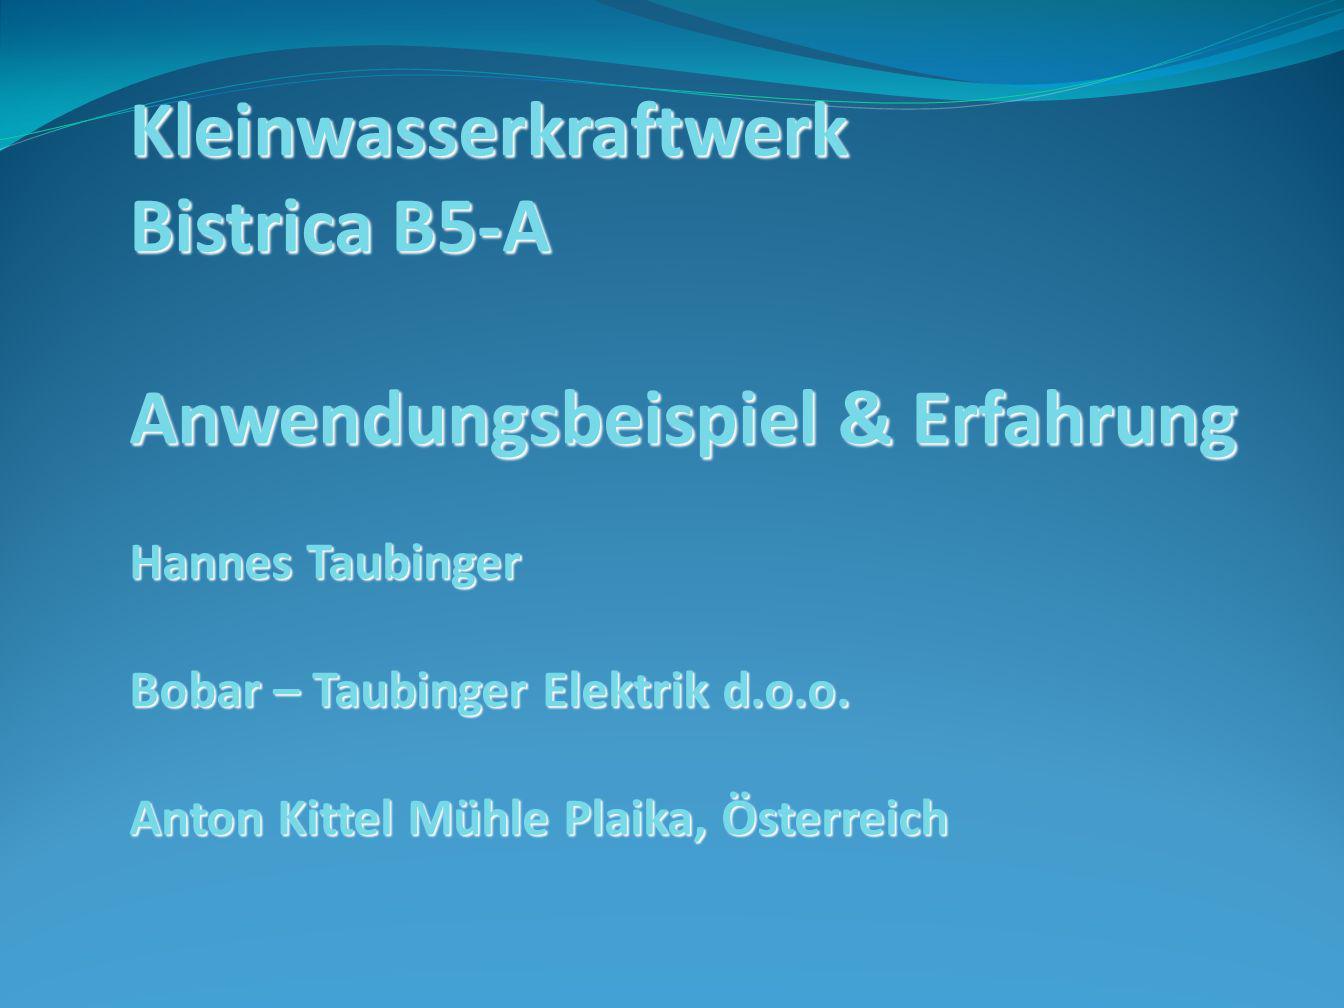 Kleinwasserkraftwerk Bistrica B5-A Anwendungsbeispiel & Erfahrung